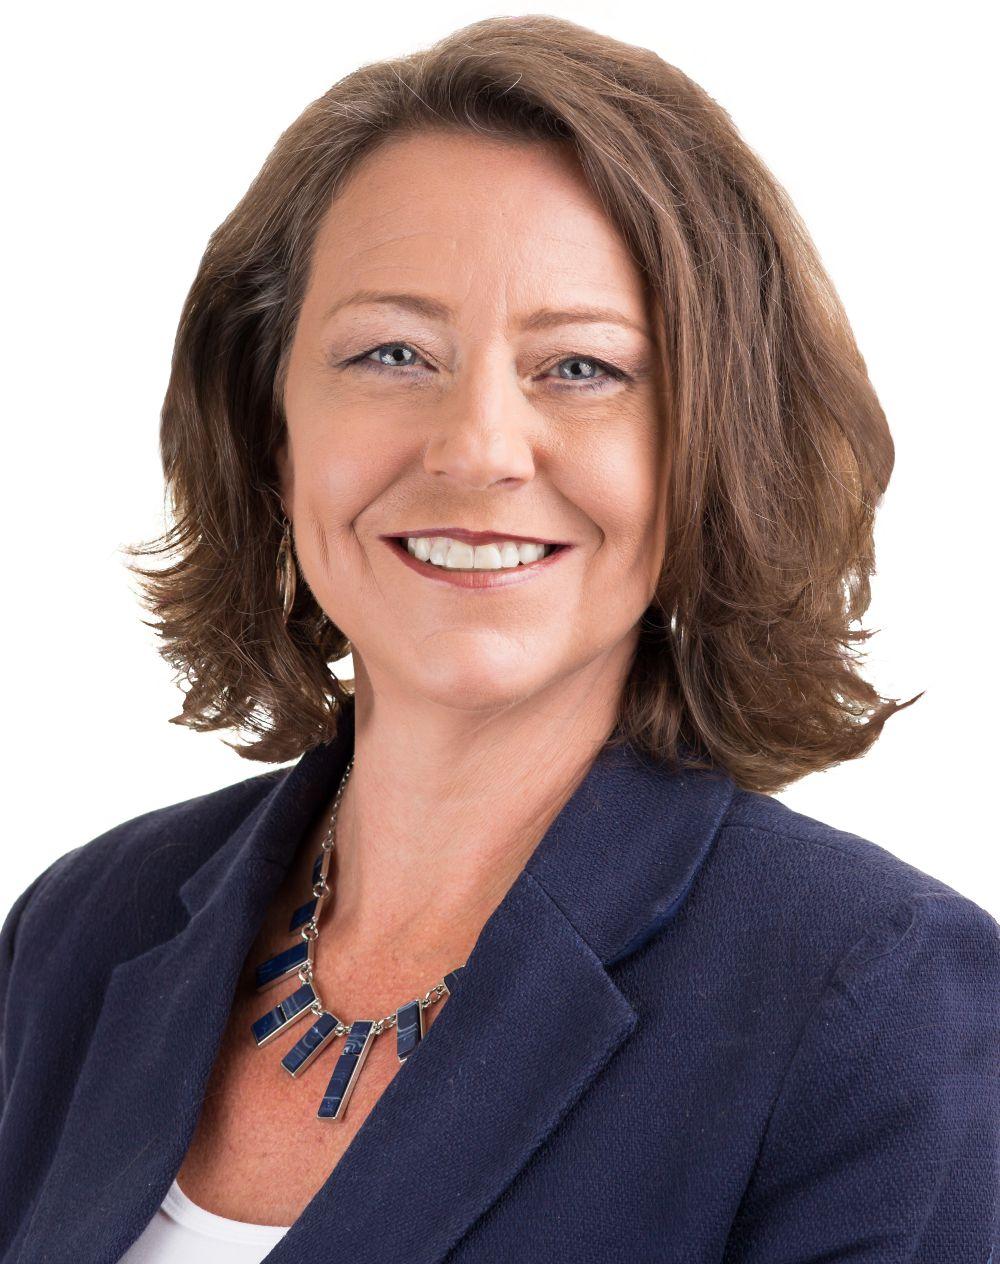 Monica Schrum